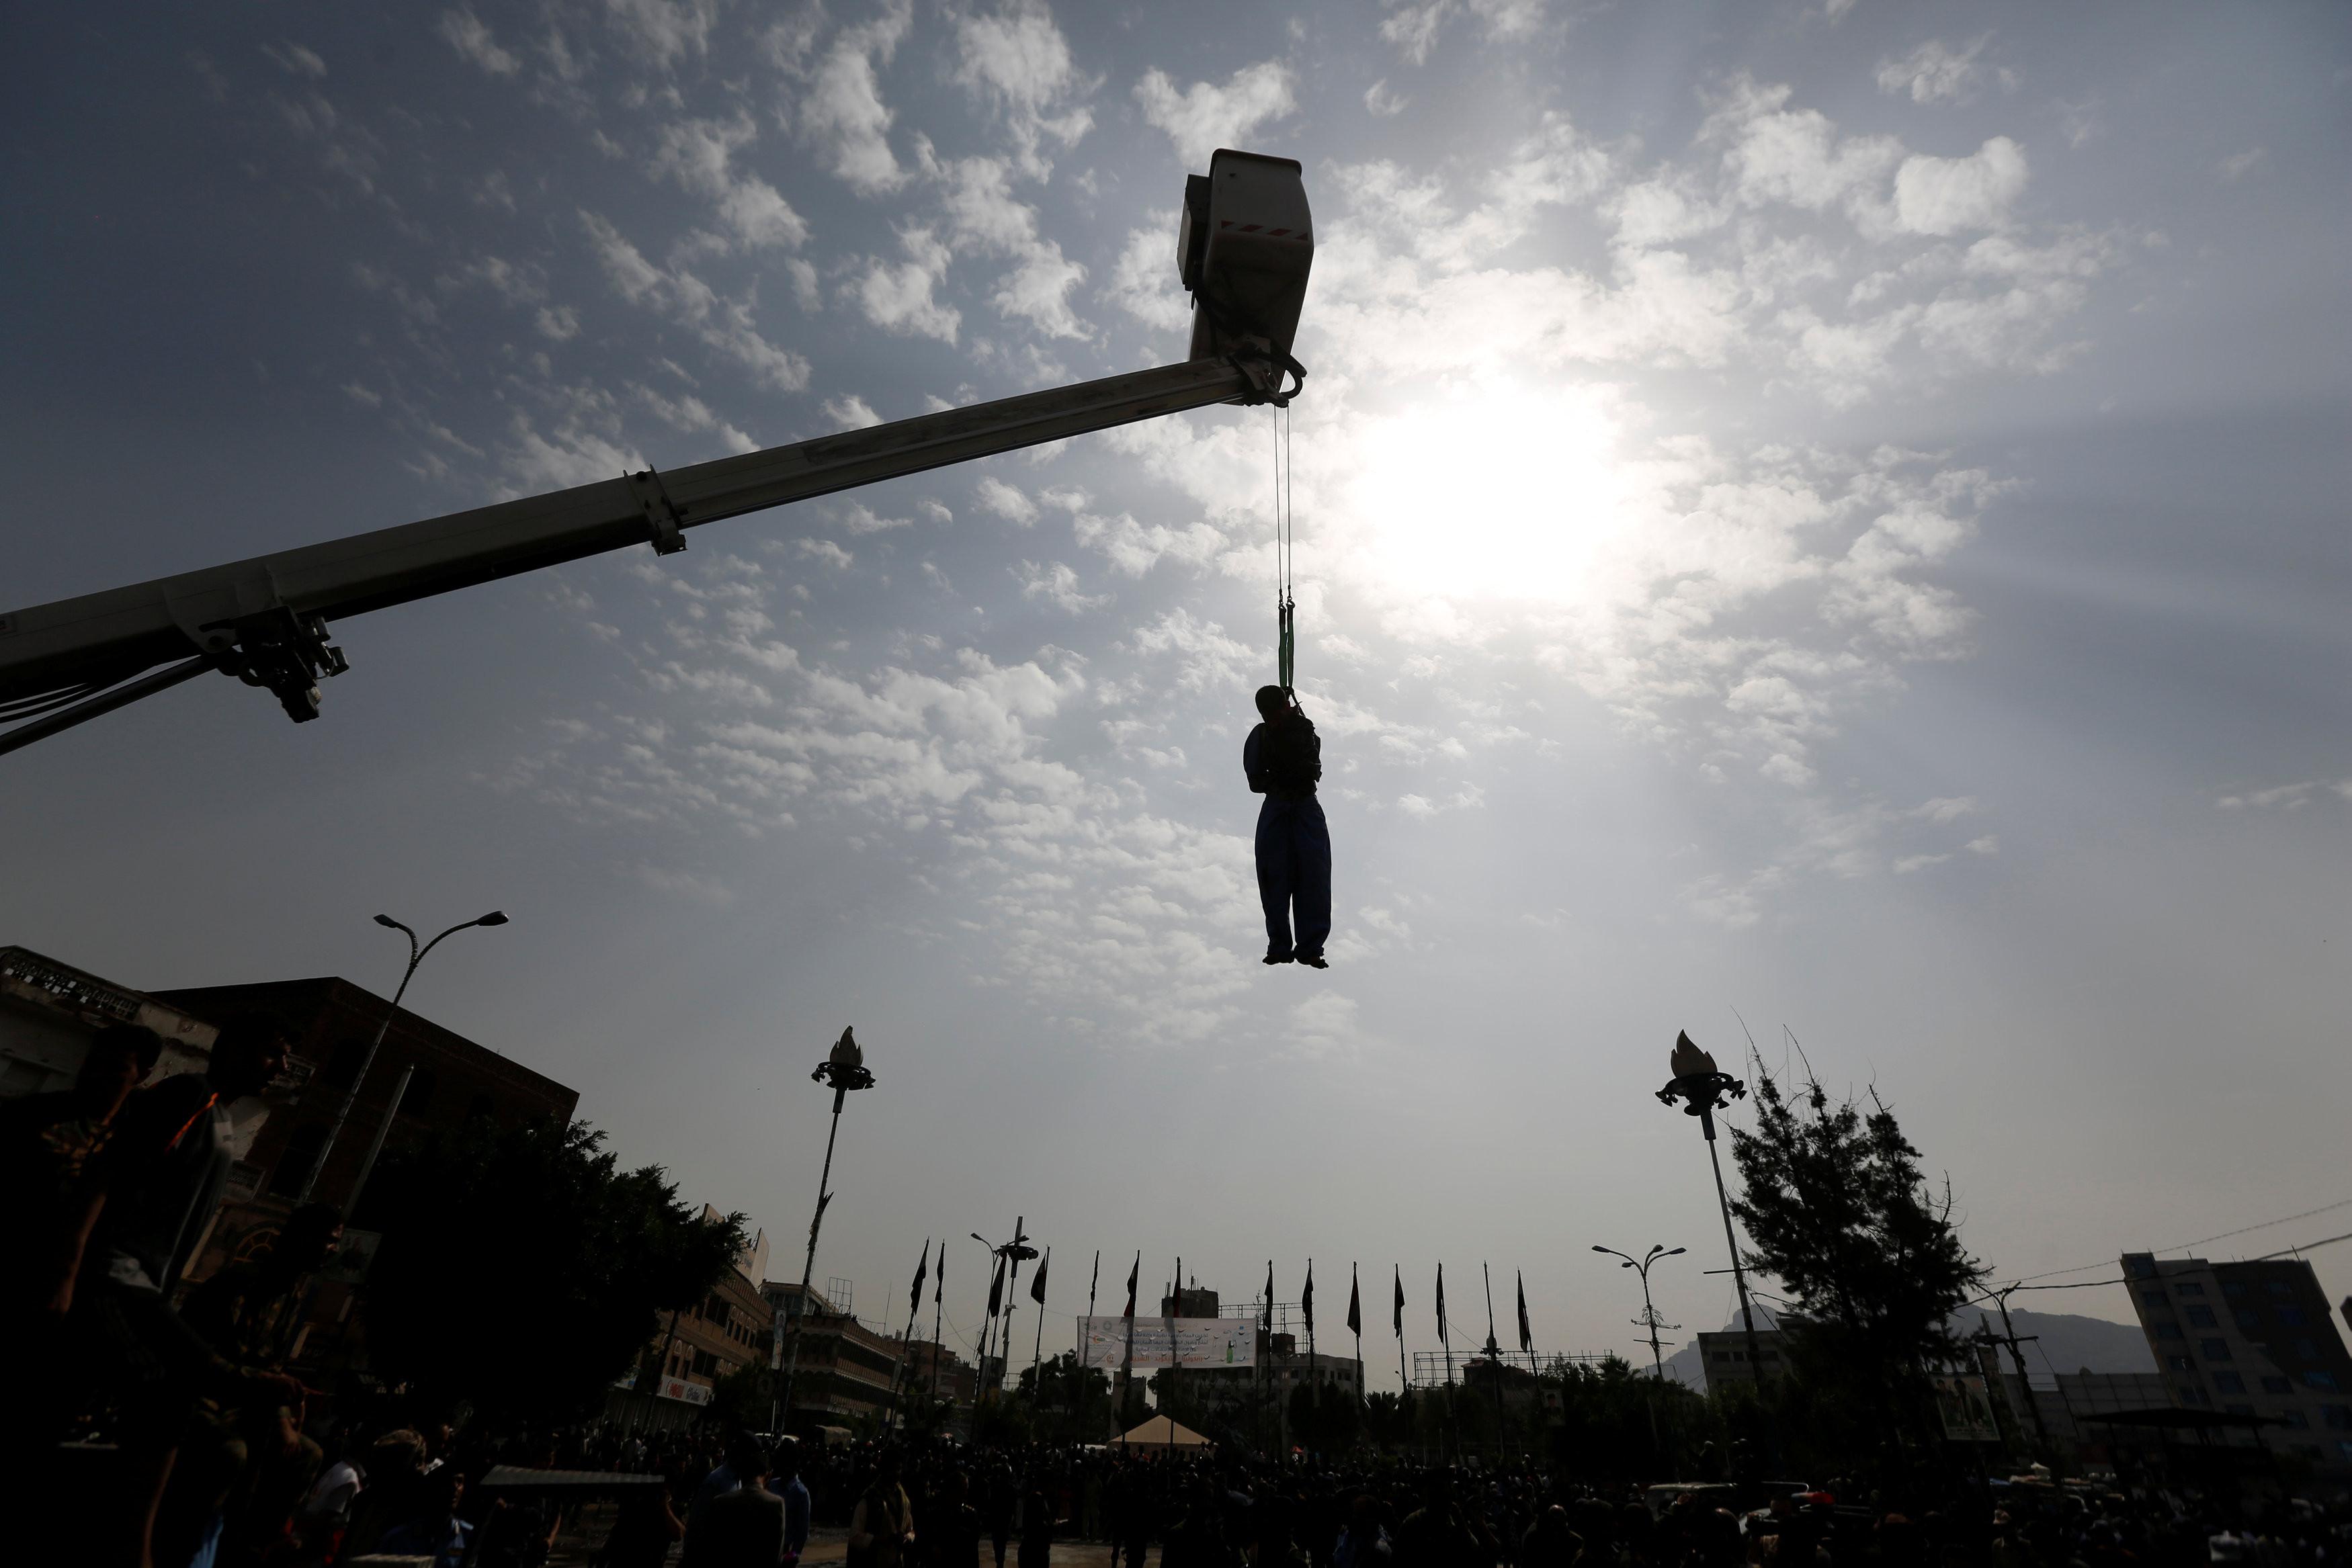 葉門22歲男子阿薩凱特(Hussein al-Saket)性侵殺害一名4歲女童,被公開槍斃,且屍體遭起重機吊在半空中。(圖/CFP)